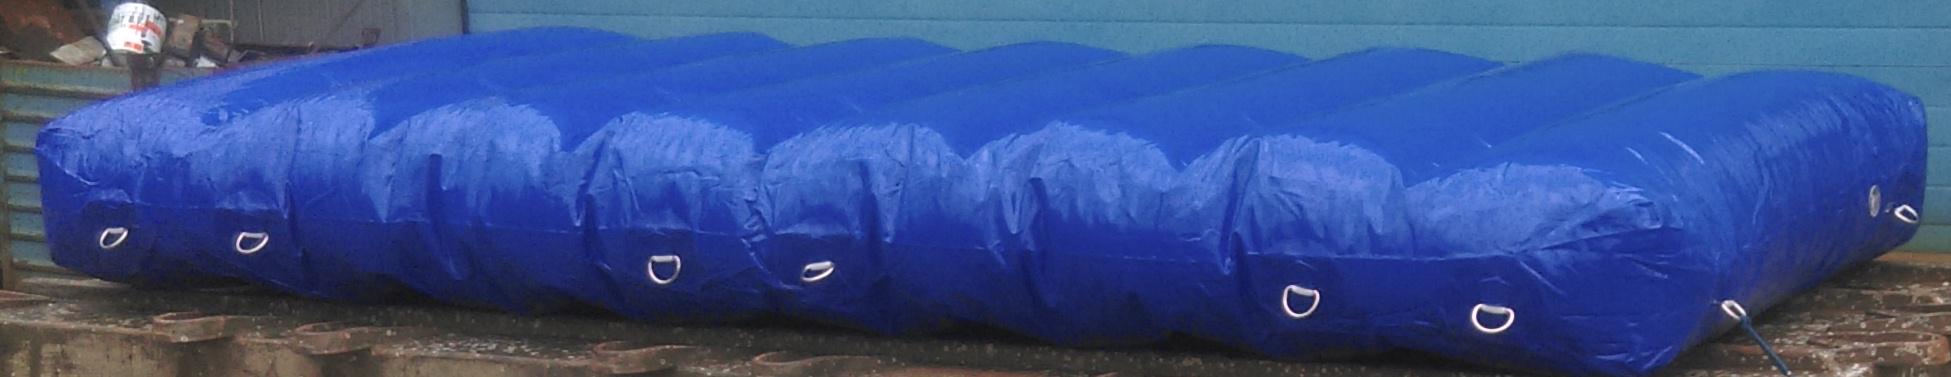 Flootzer pontoon